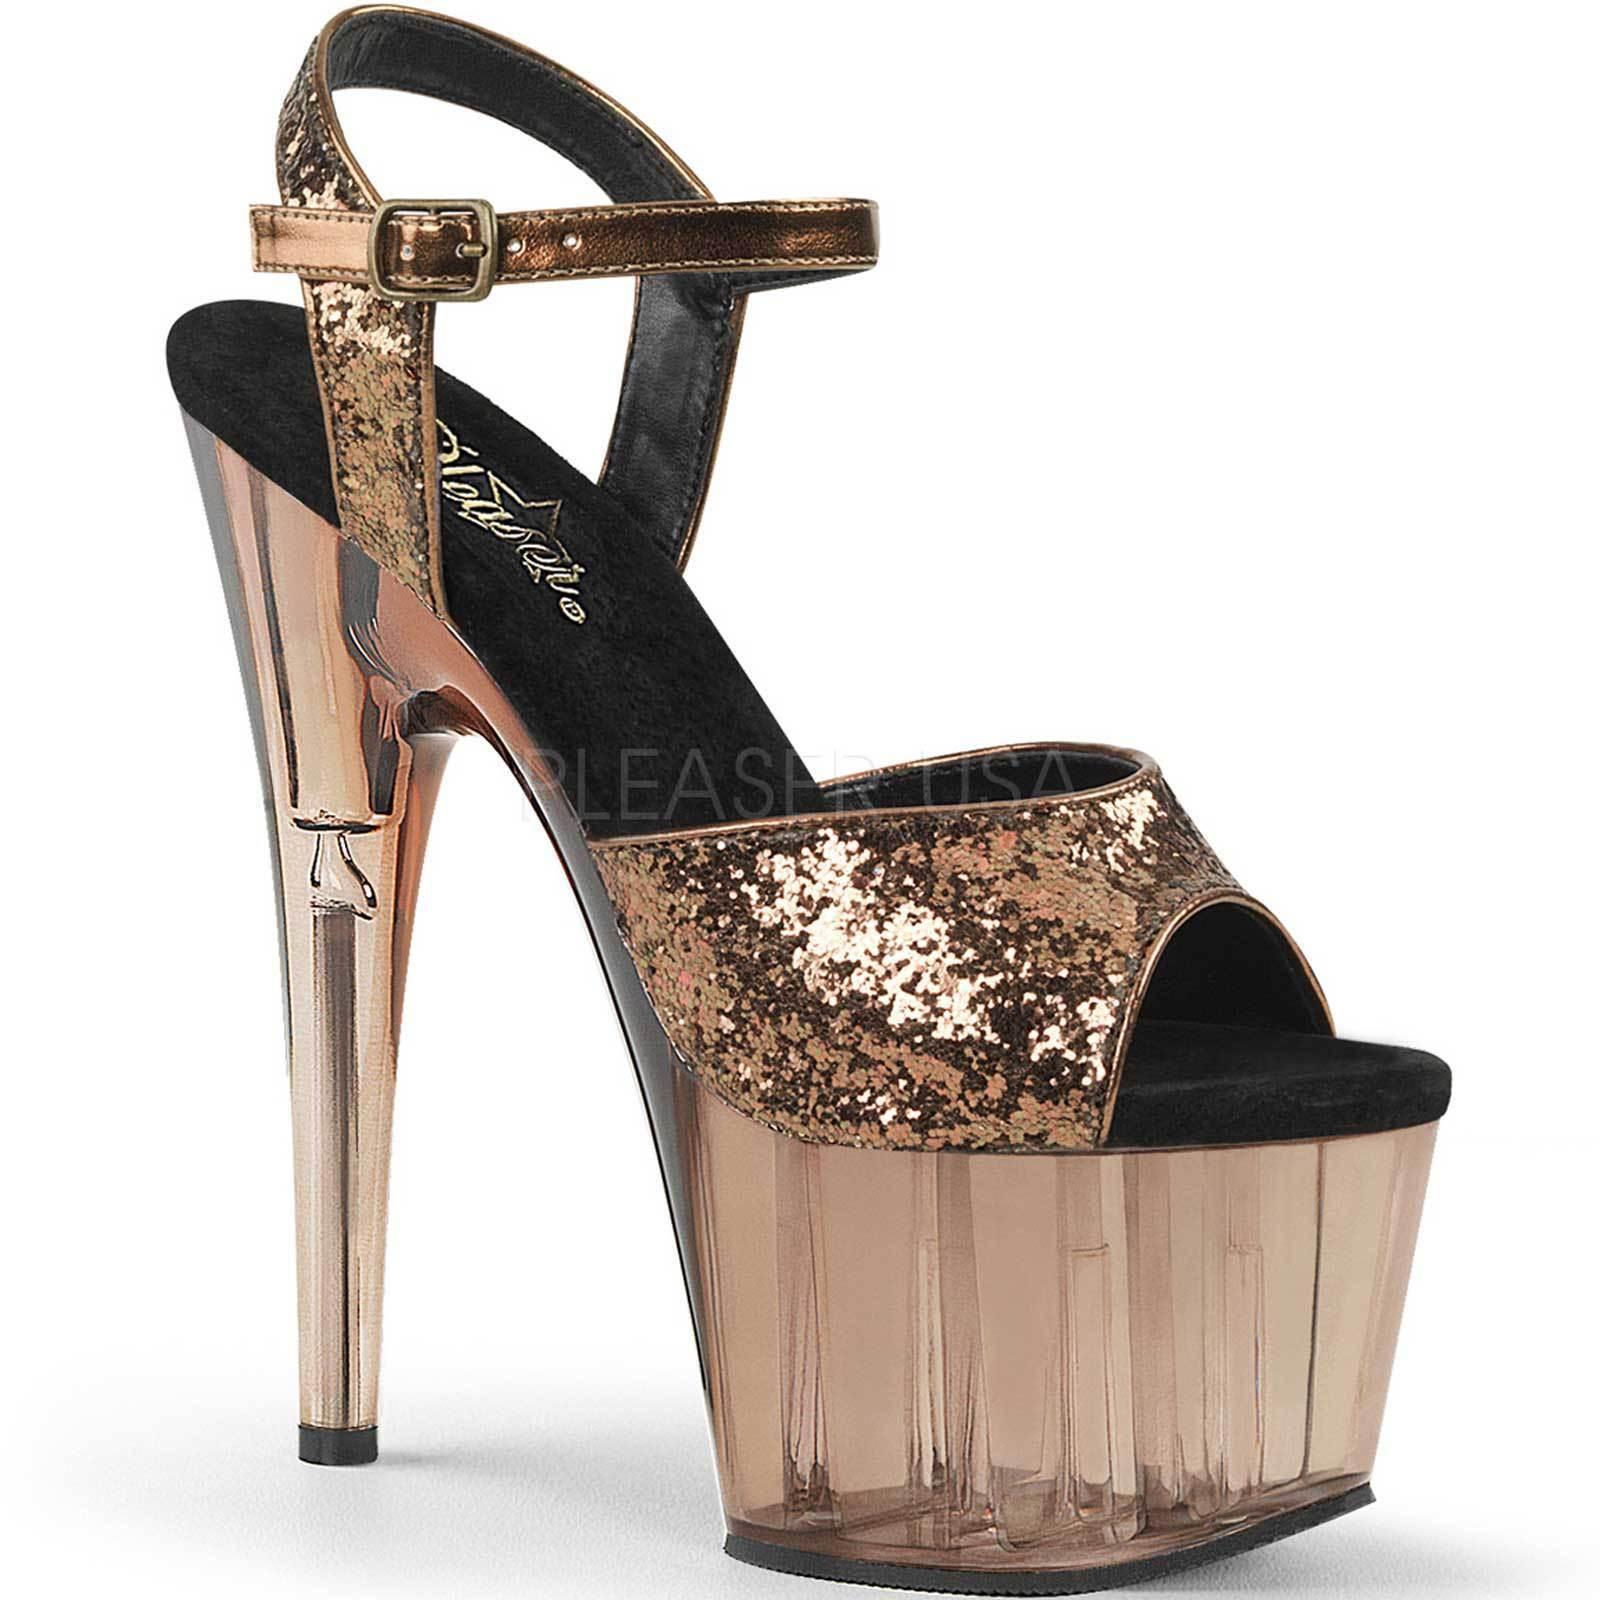 PLEASER ADORE-710GT Bronze Tinted Platform Ankle Strap Sandal Glitter Upper